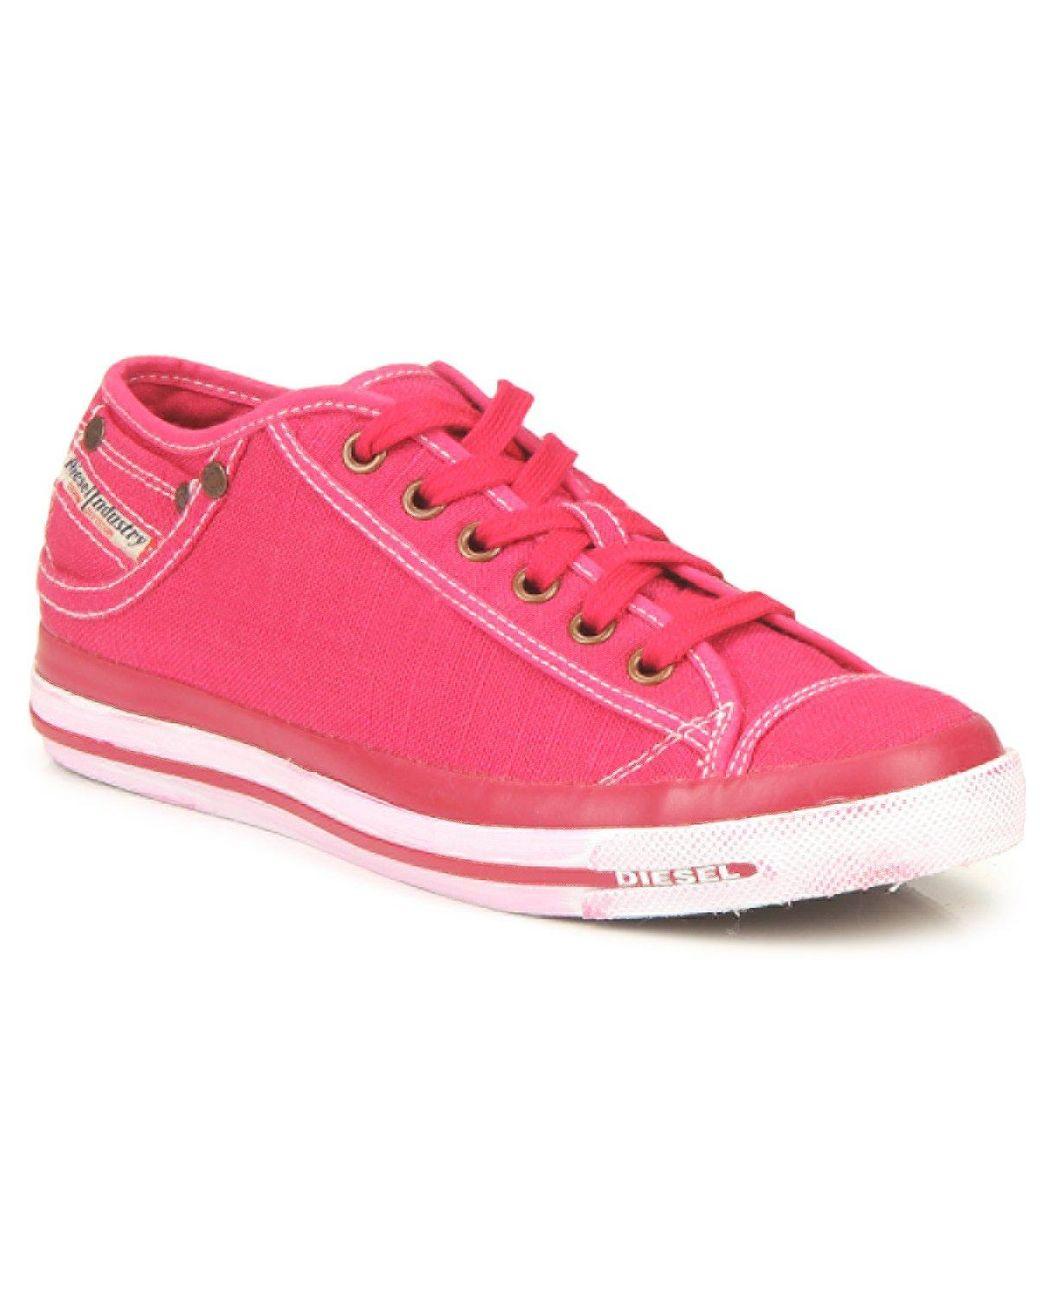 Diesel Exposure IV WOMEN Chaussures Femmes High Top Sneaker Black y00638-pr052-t8013